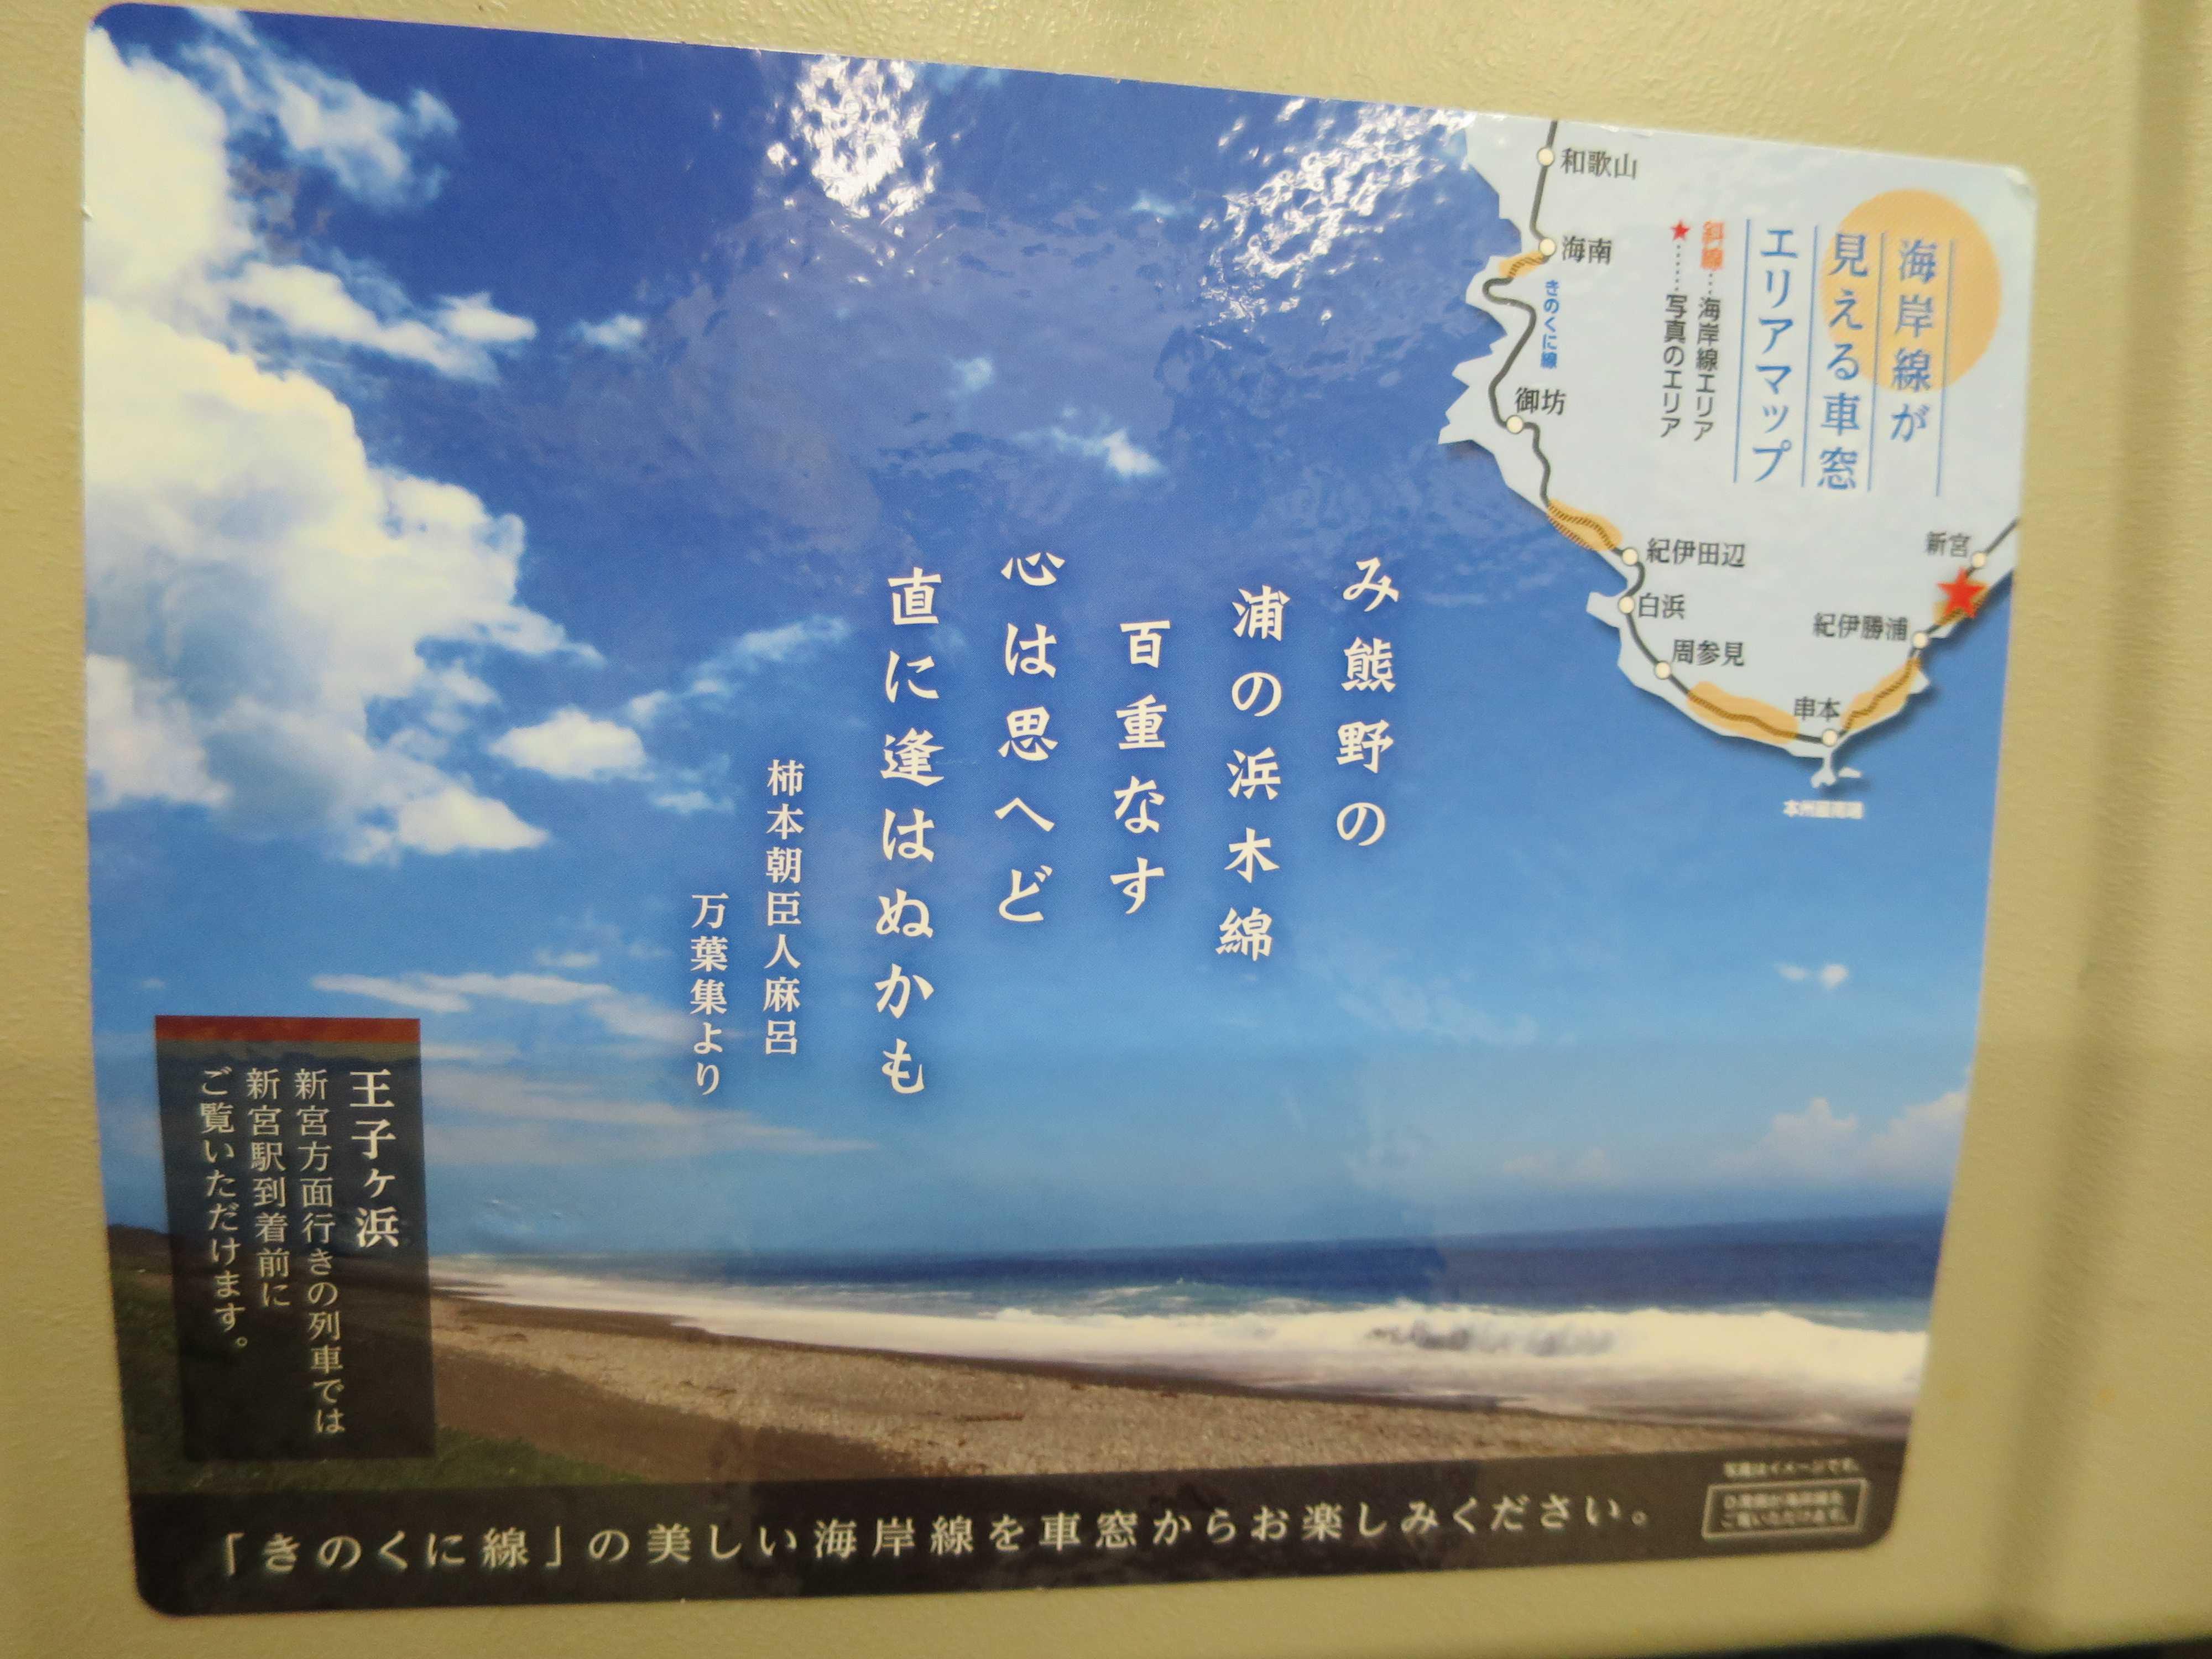 み熊野の 裏の浜木綿 百重なす 心は思へど 直に逢わぬかも 柿本朝臣人麻呂